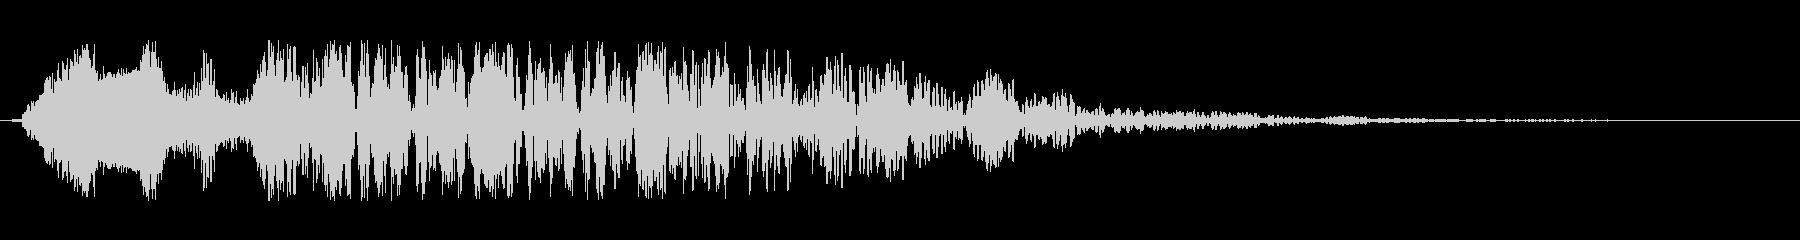 シュタララ(ダウン)の未再生の波形